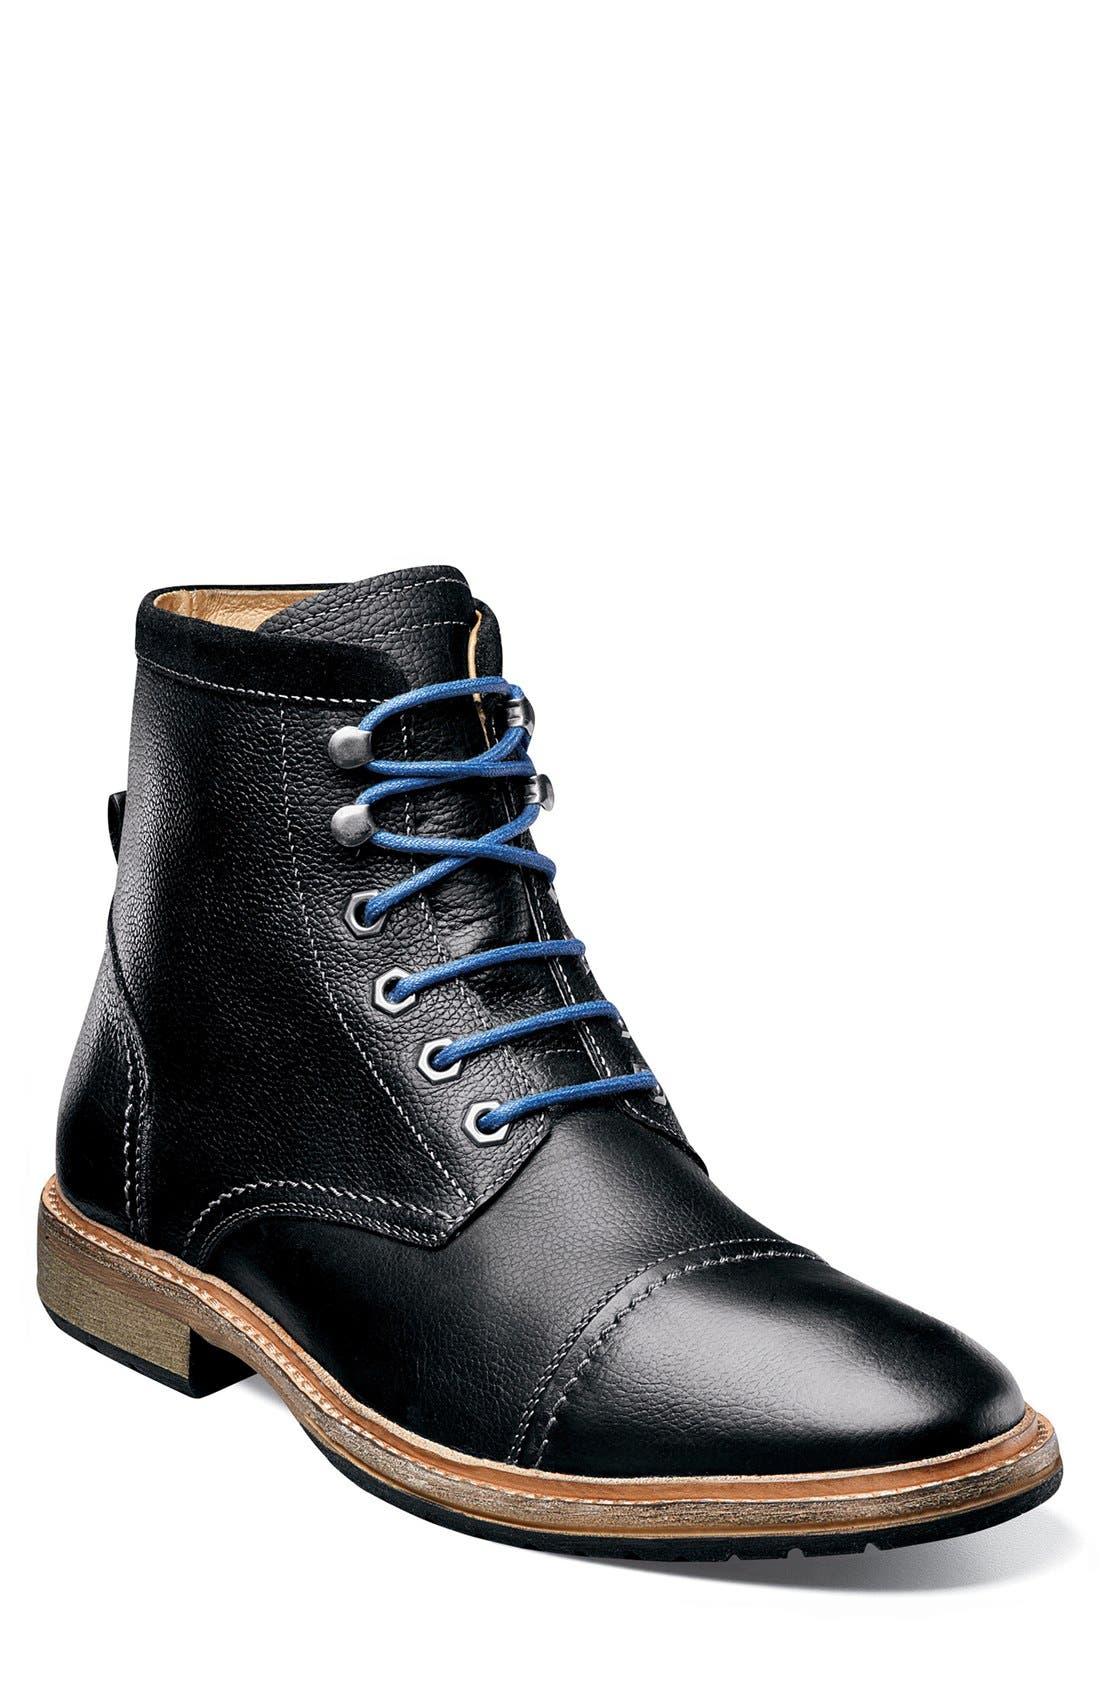 'Indie' Cap Toe Boot,                             Main thumbnail 1, color,                             BLACK